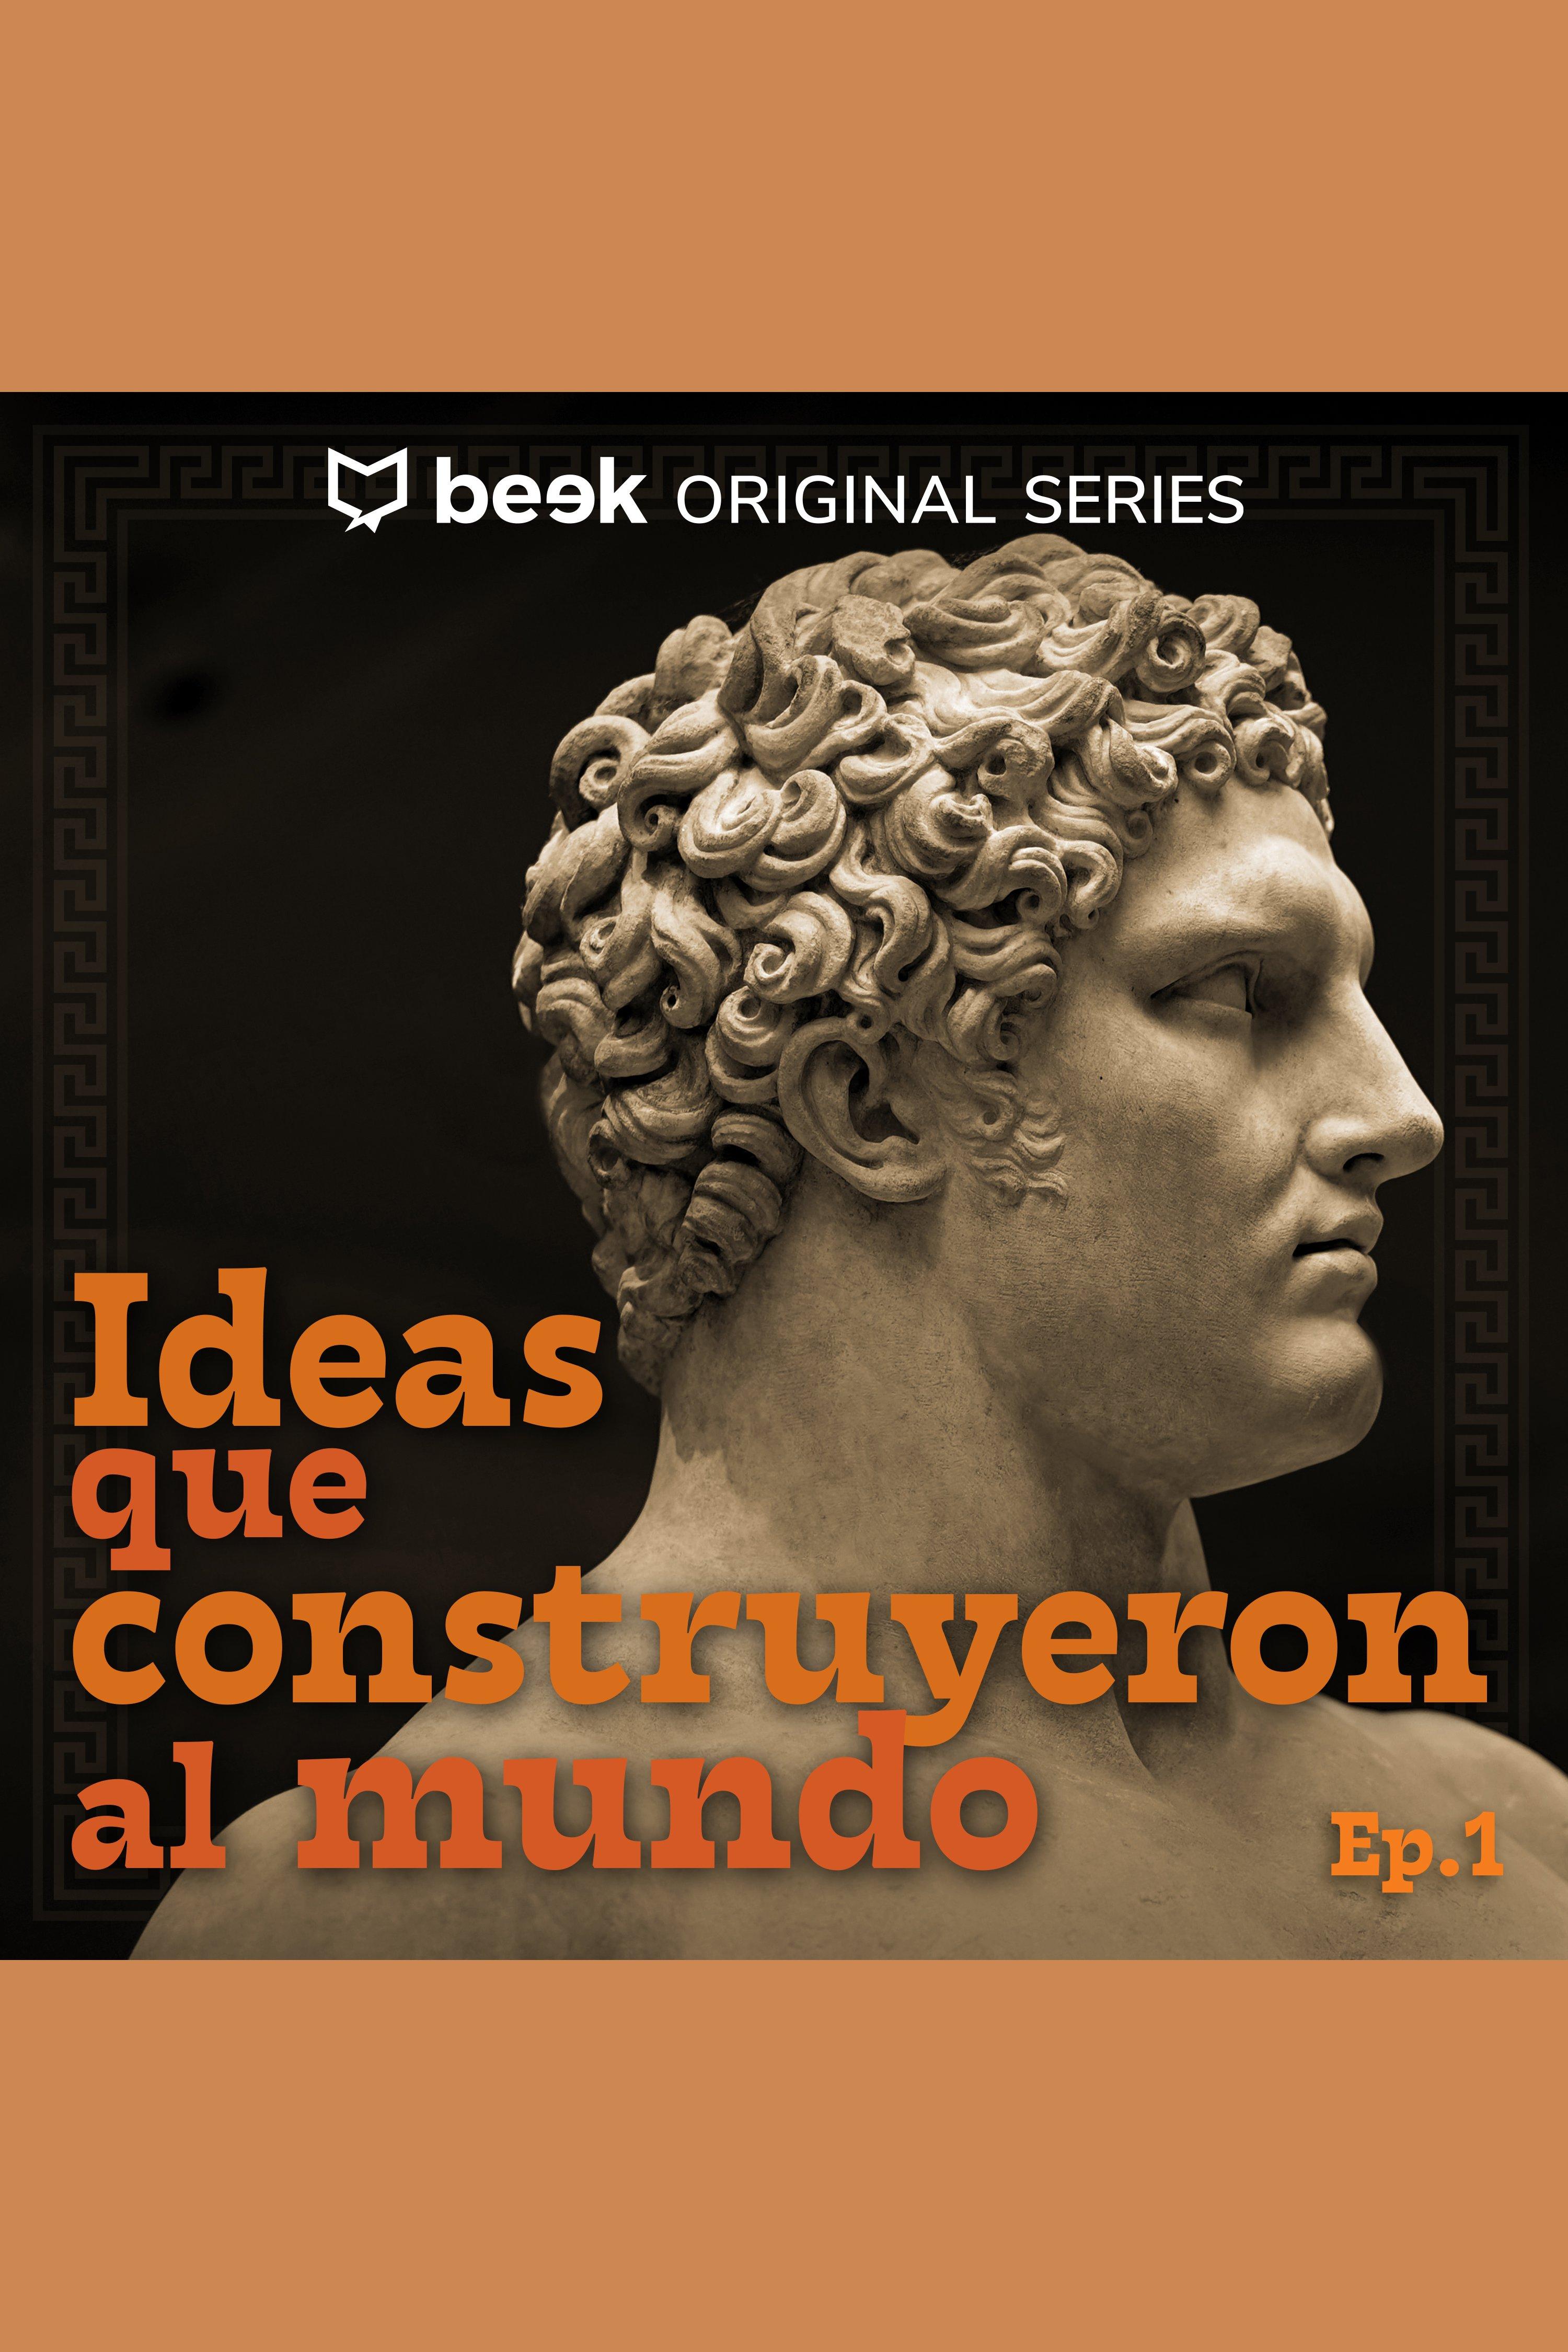 Esta es la portada del audiolibro Ep 1 - Edipo Rey de Sófocles